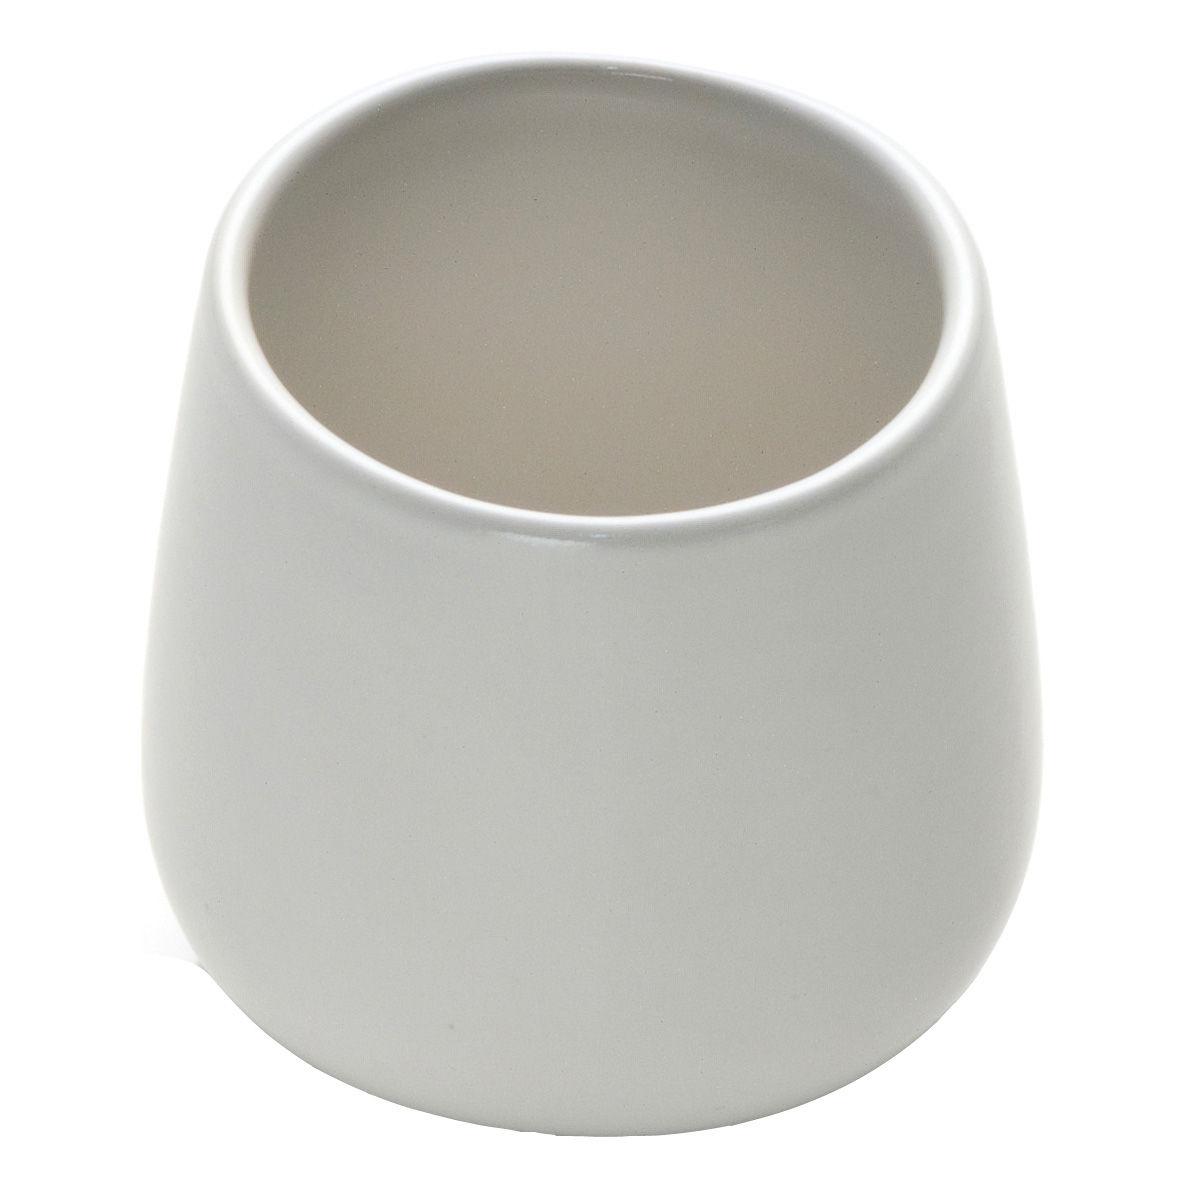 Tavola - Tazze e Boccali - Tazzina da caffè Ovale di Alessi - Bianco - Ceramica stoneware